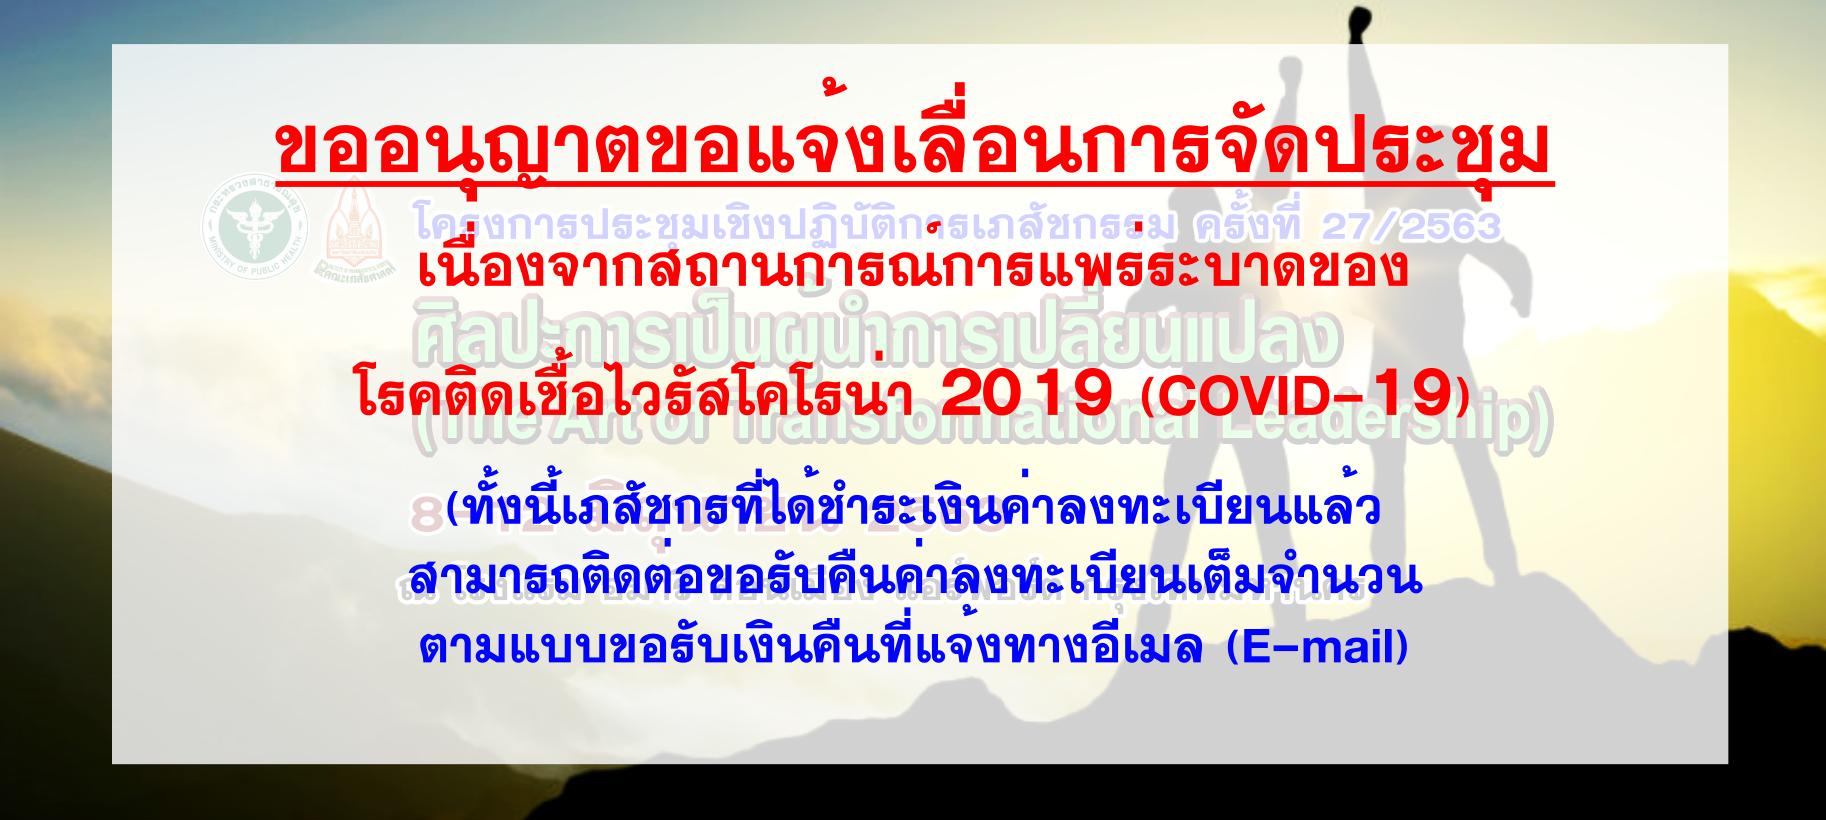 โครงการประชุมเชิงปฏิบัติการเภสัชกรรม ครั้งที่ 27/2563  เรื่อง ศิลปะการเป็นผู้นำการเปลี่ยนแปลง (เลื่อนการจัดประชุม)